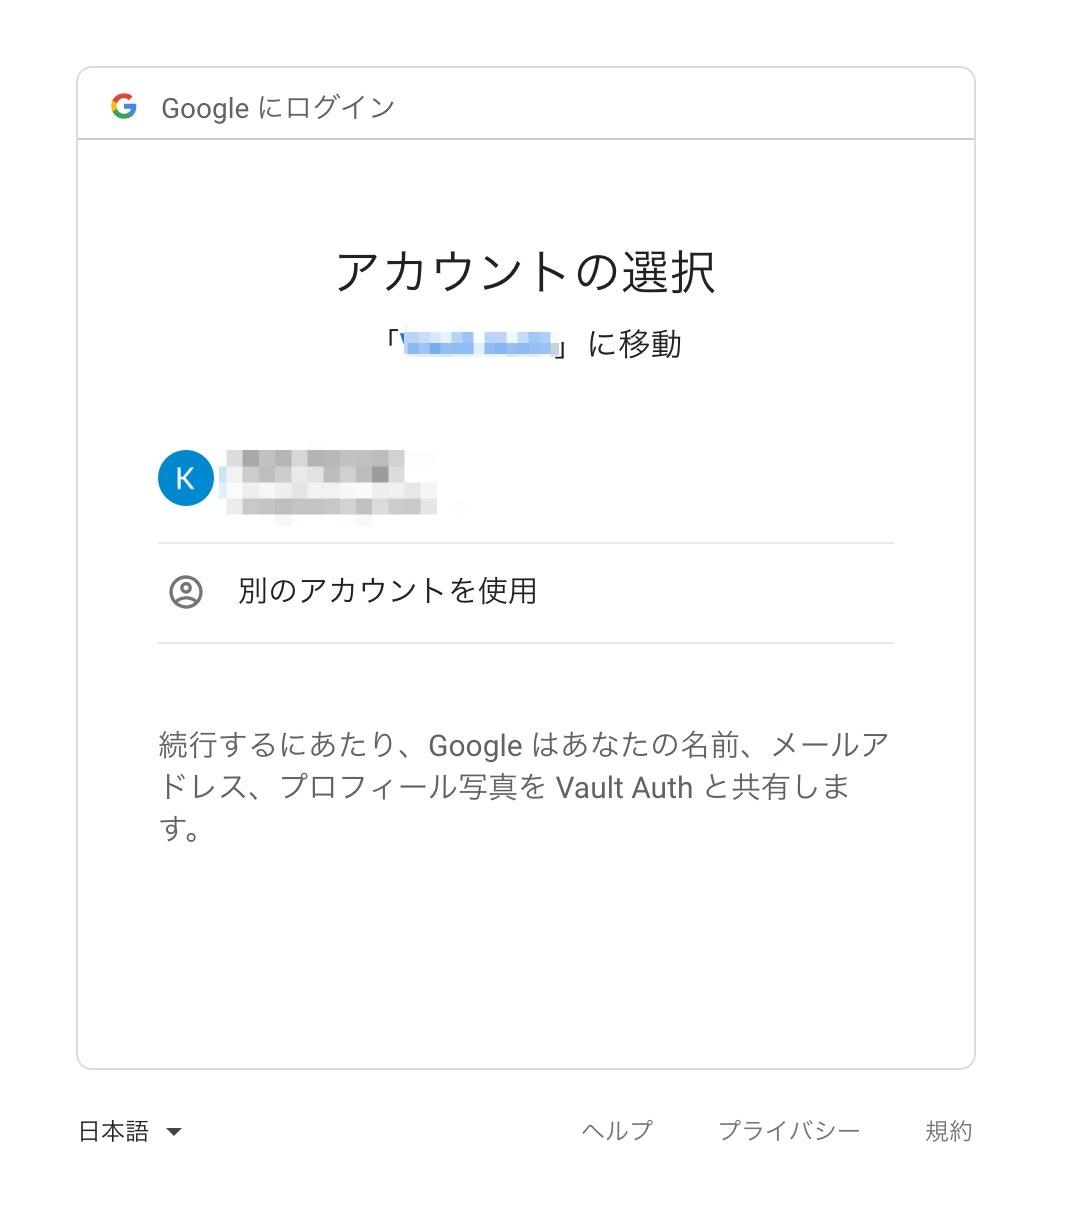 スクリーンショット_2018-12-15_15_46_30.jpg